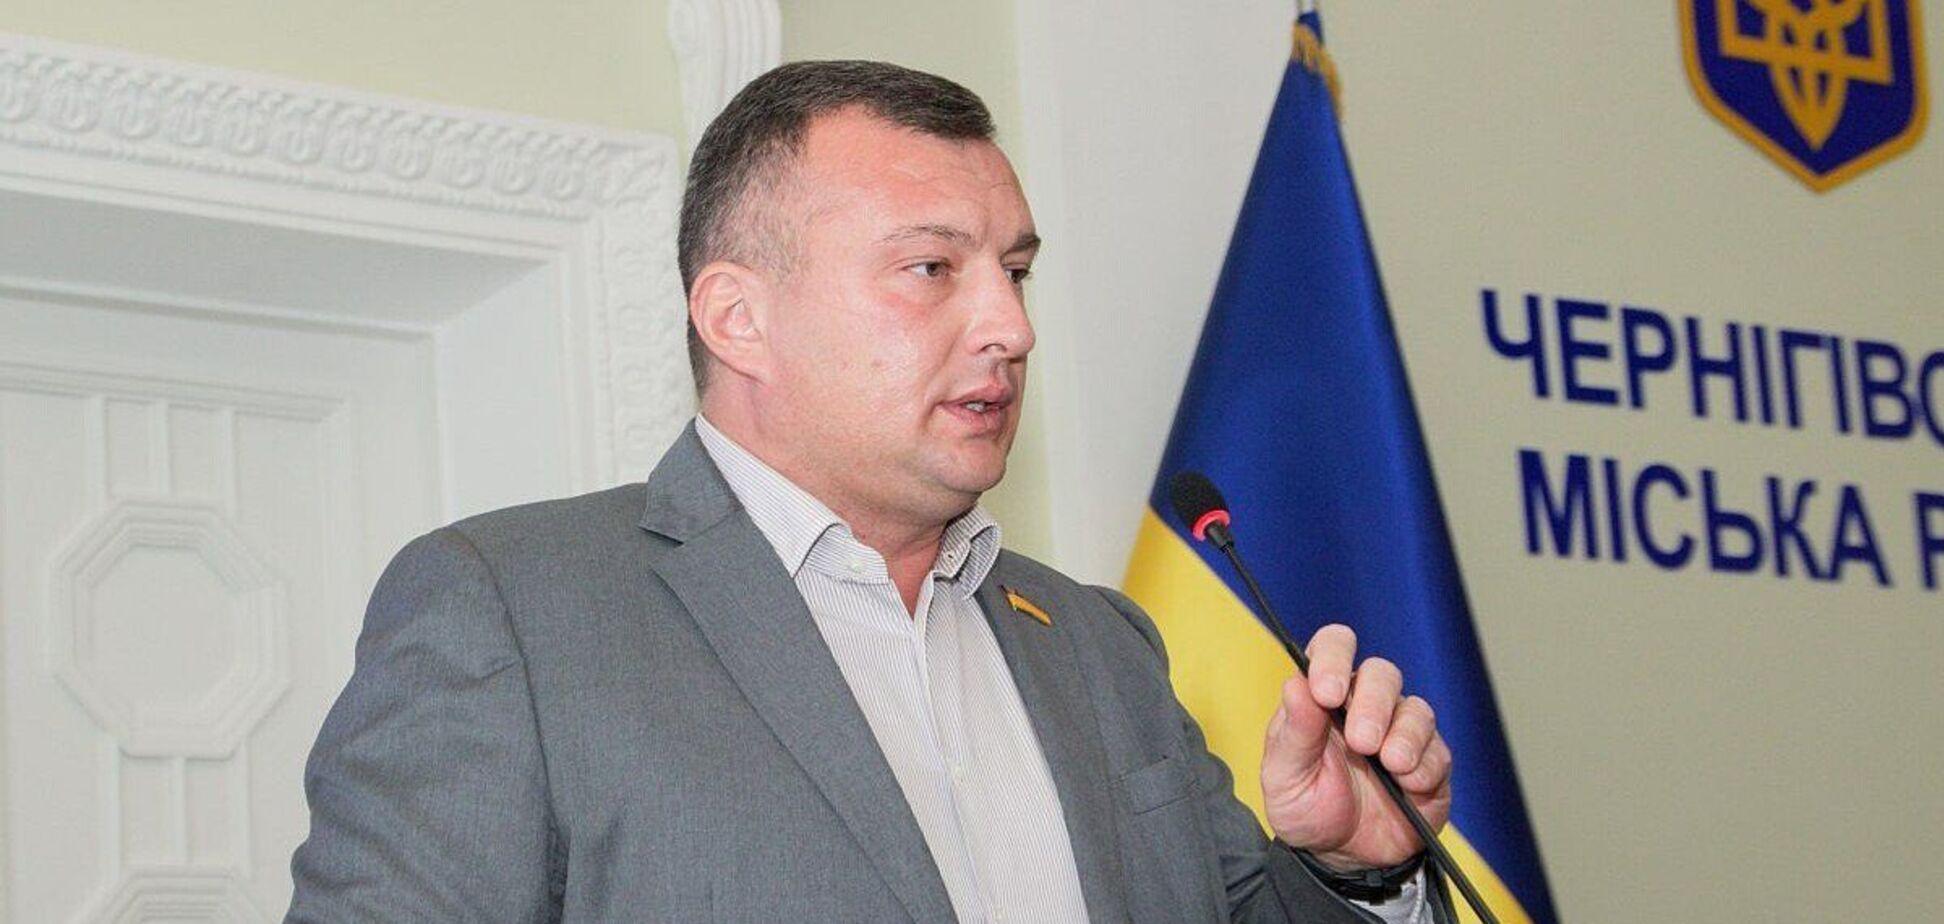 Нардеп Семинский попался на любовной переписке во время заседания Рады